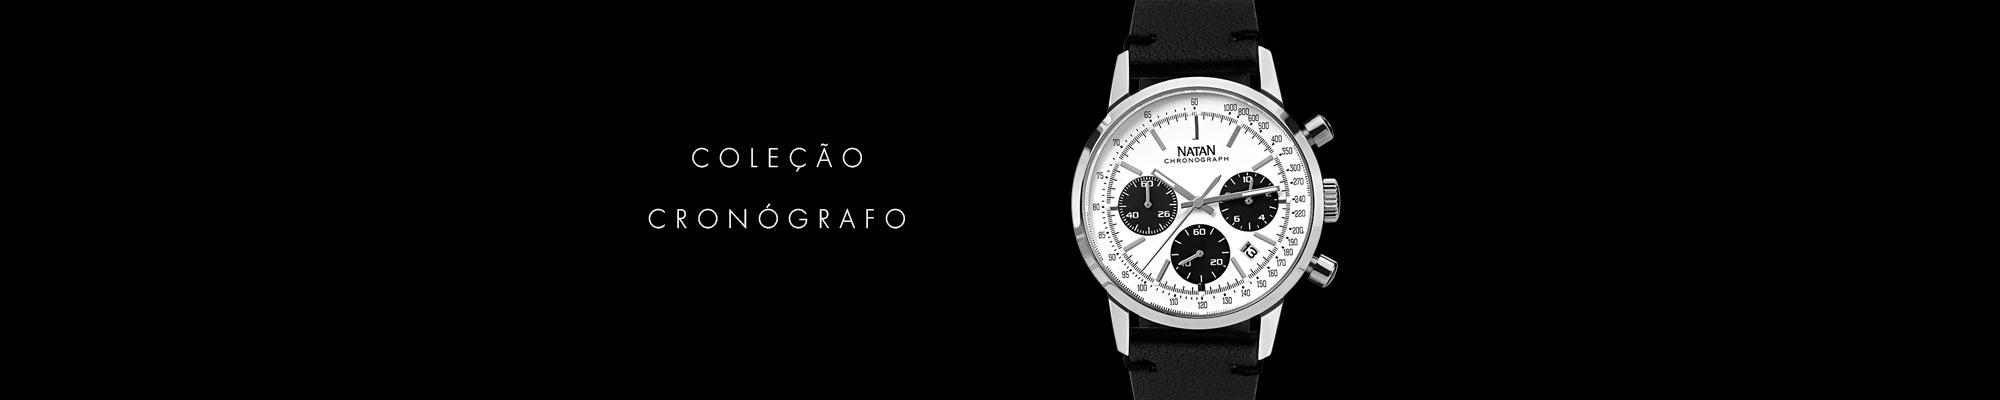 Relógios Natan coleção Cronógrafo